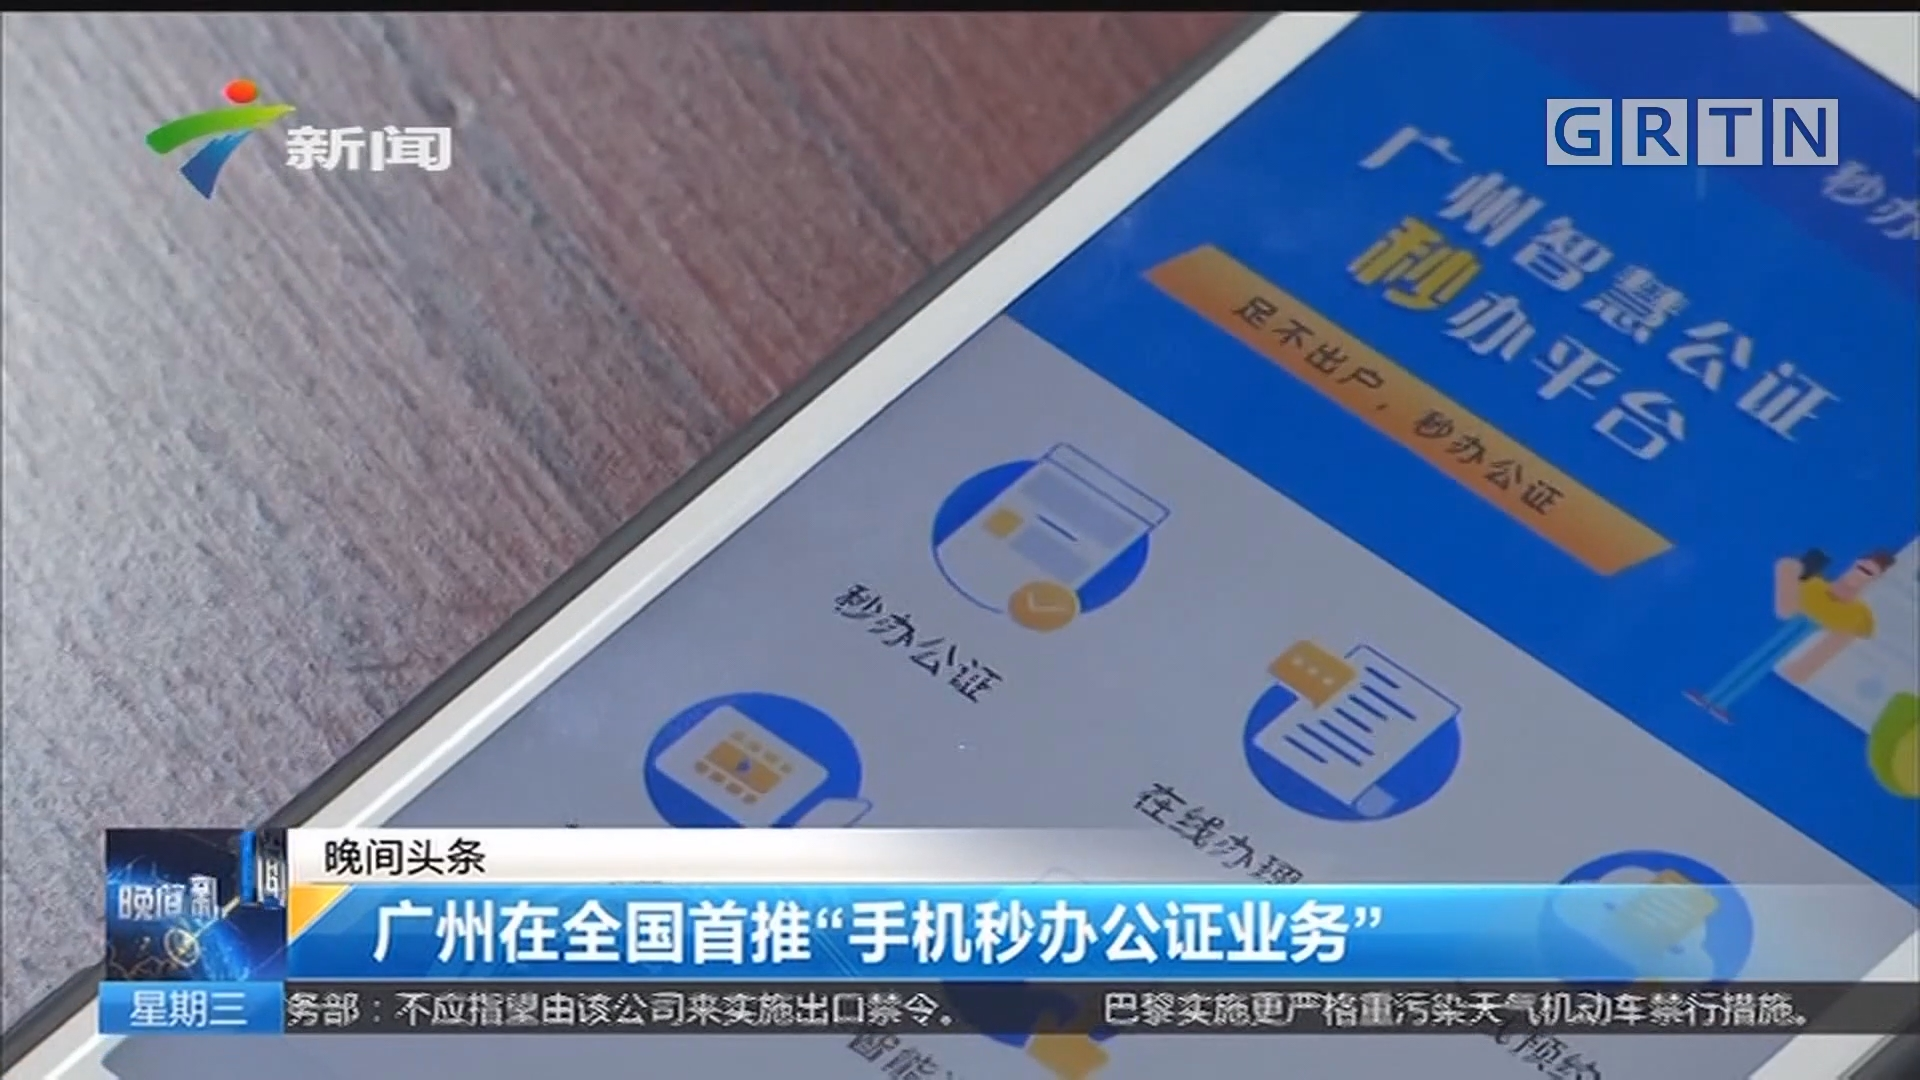 """广州在全国首推""""手机秒办公证业务"""""""